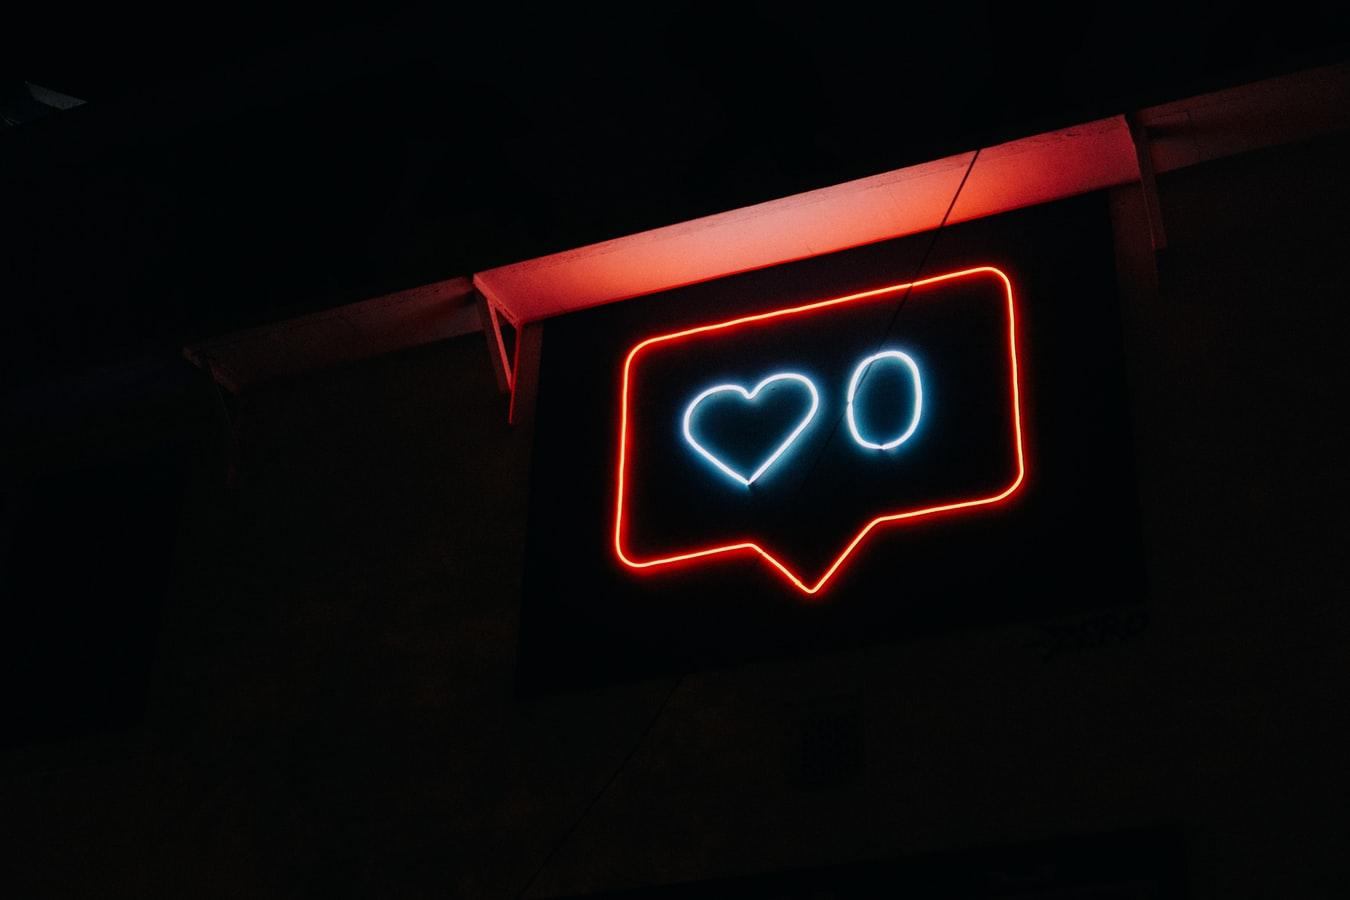 Γιατί κάποιοι ανακοινώνουν μέσω social media ότι θα βάλουν τέλος στη ζωή τους;